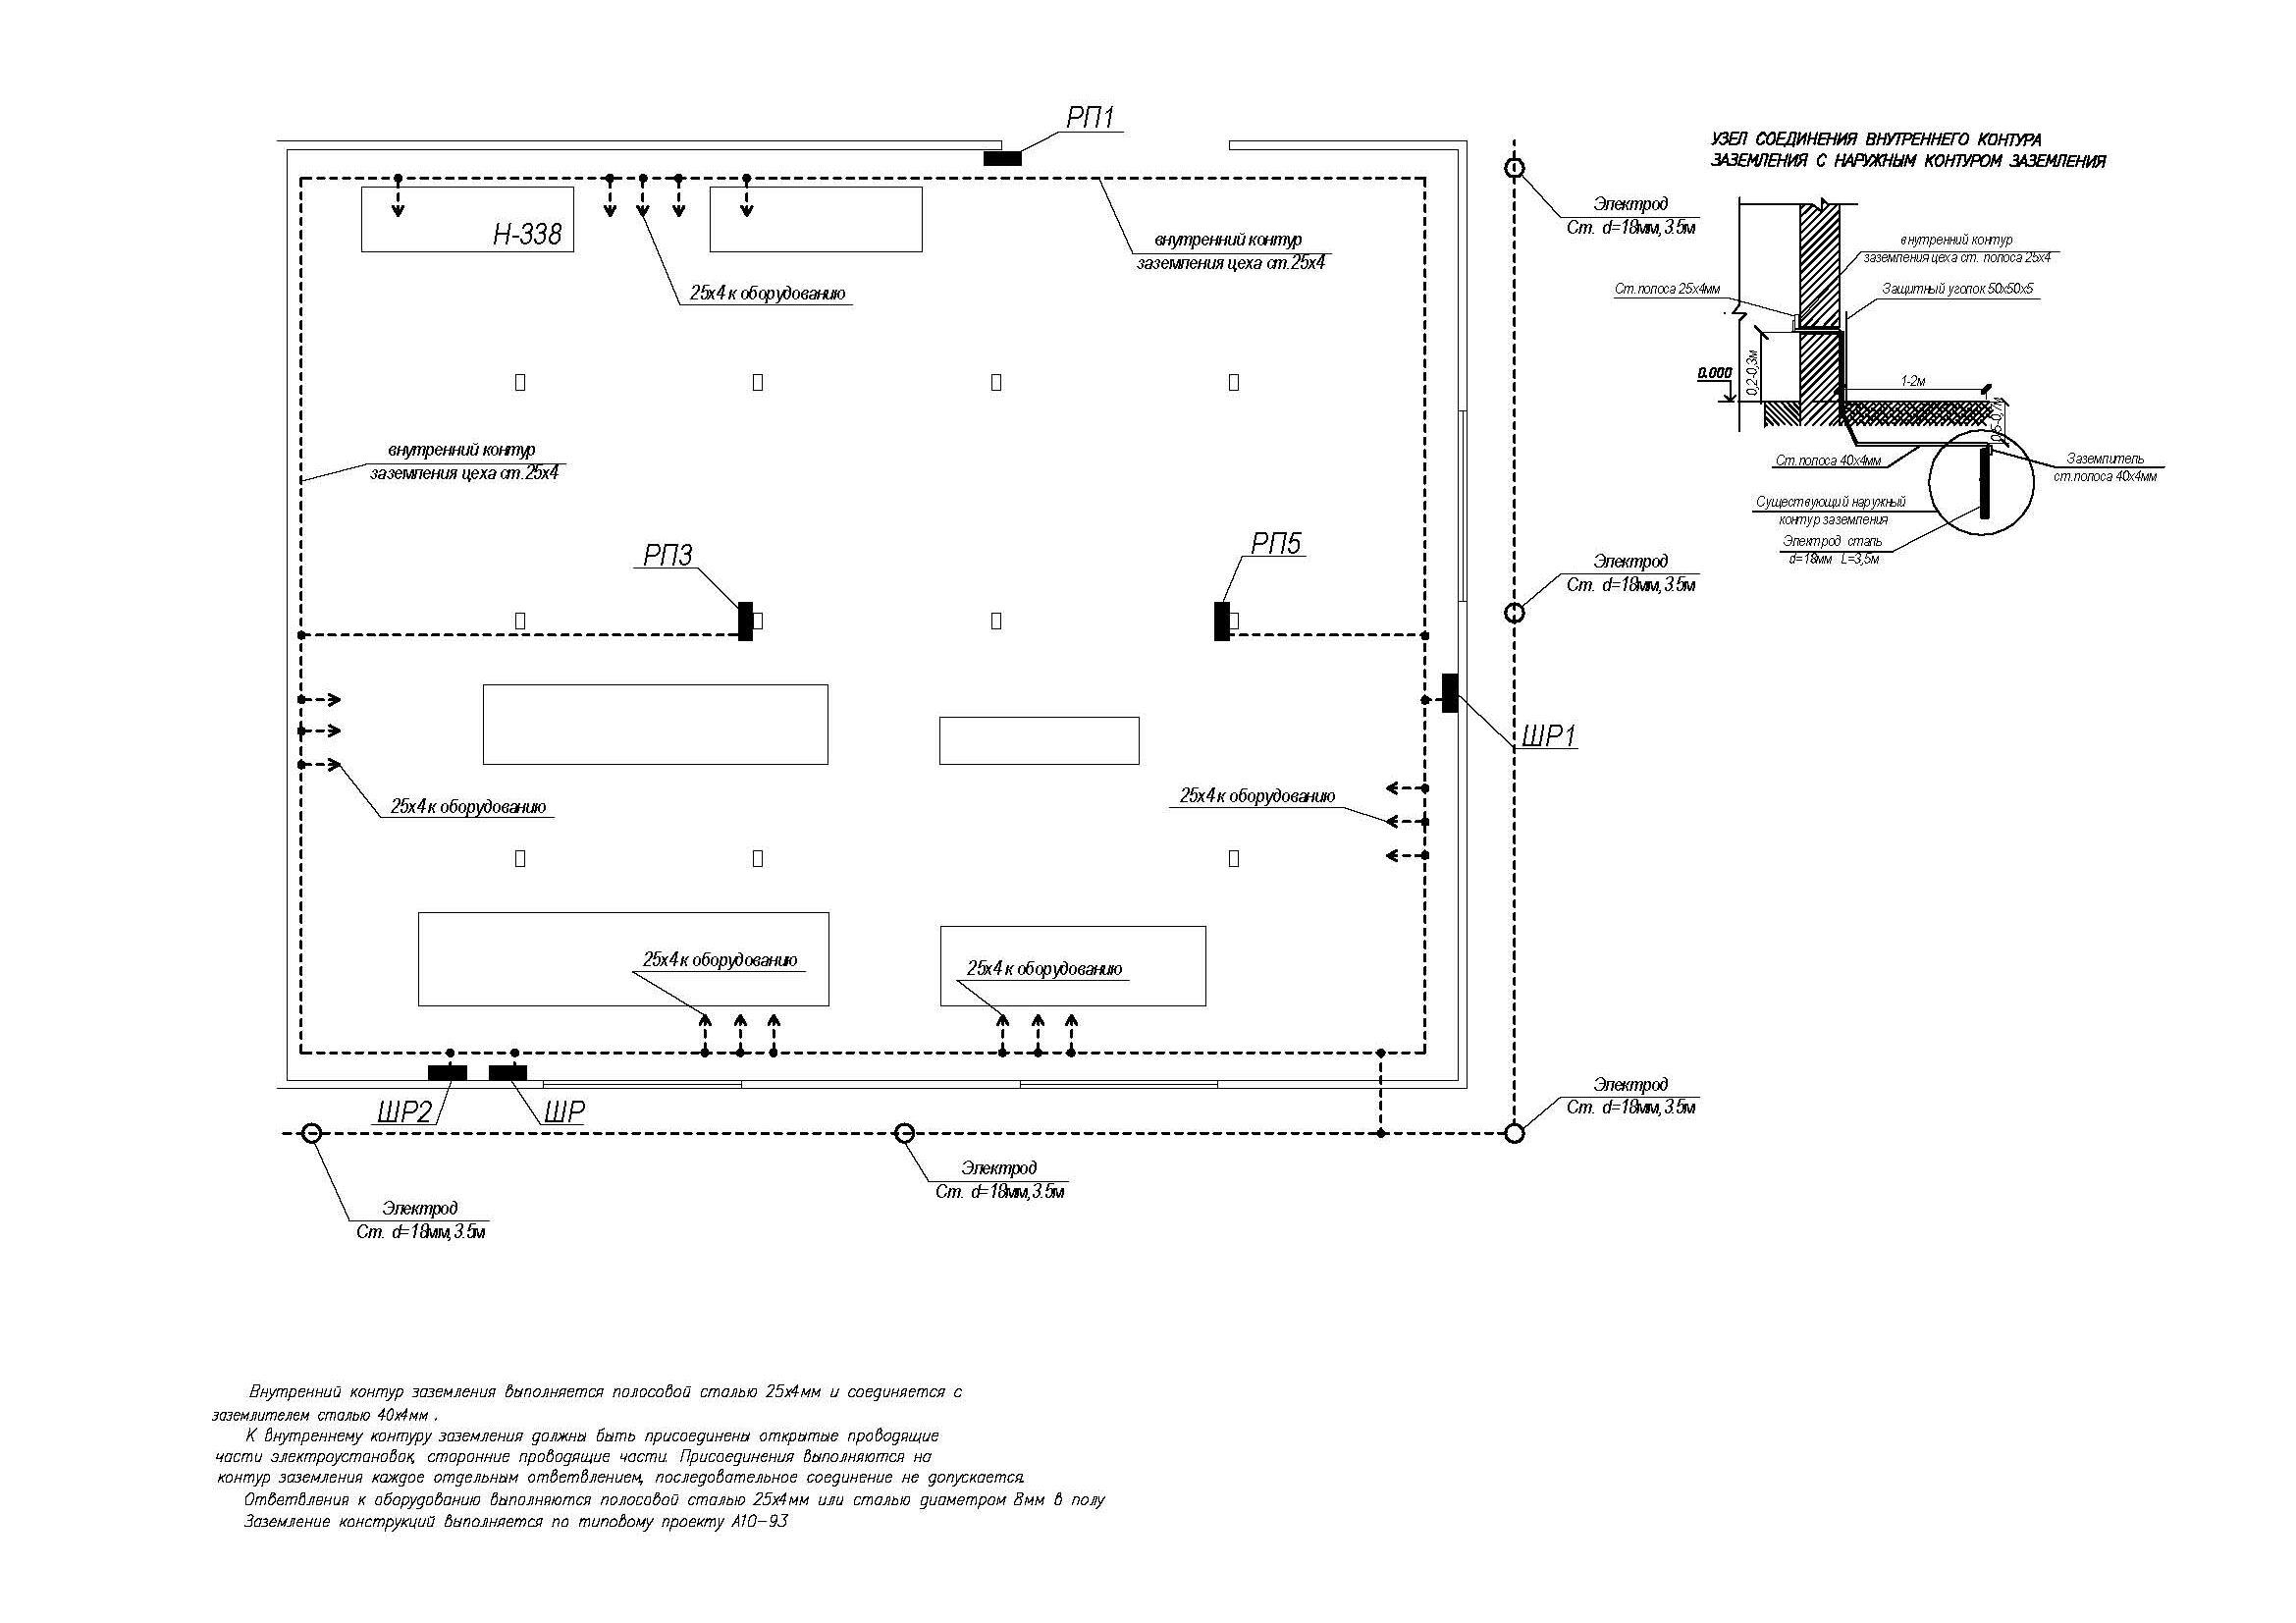 Правила устройства электроустановок о заземлении